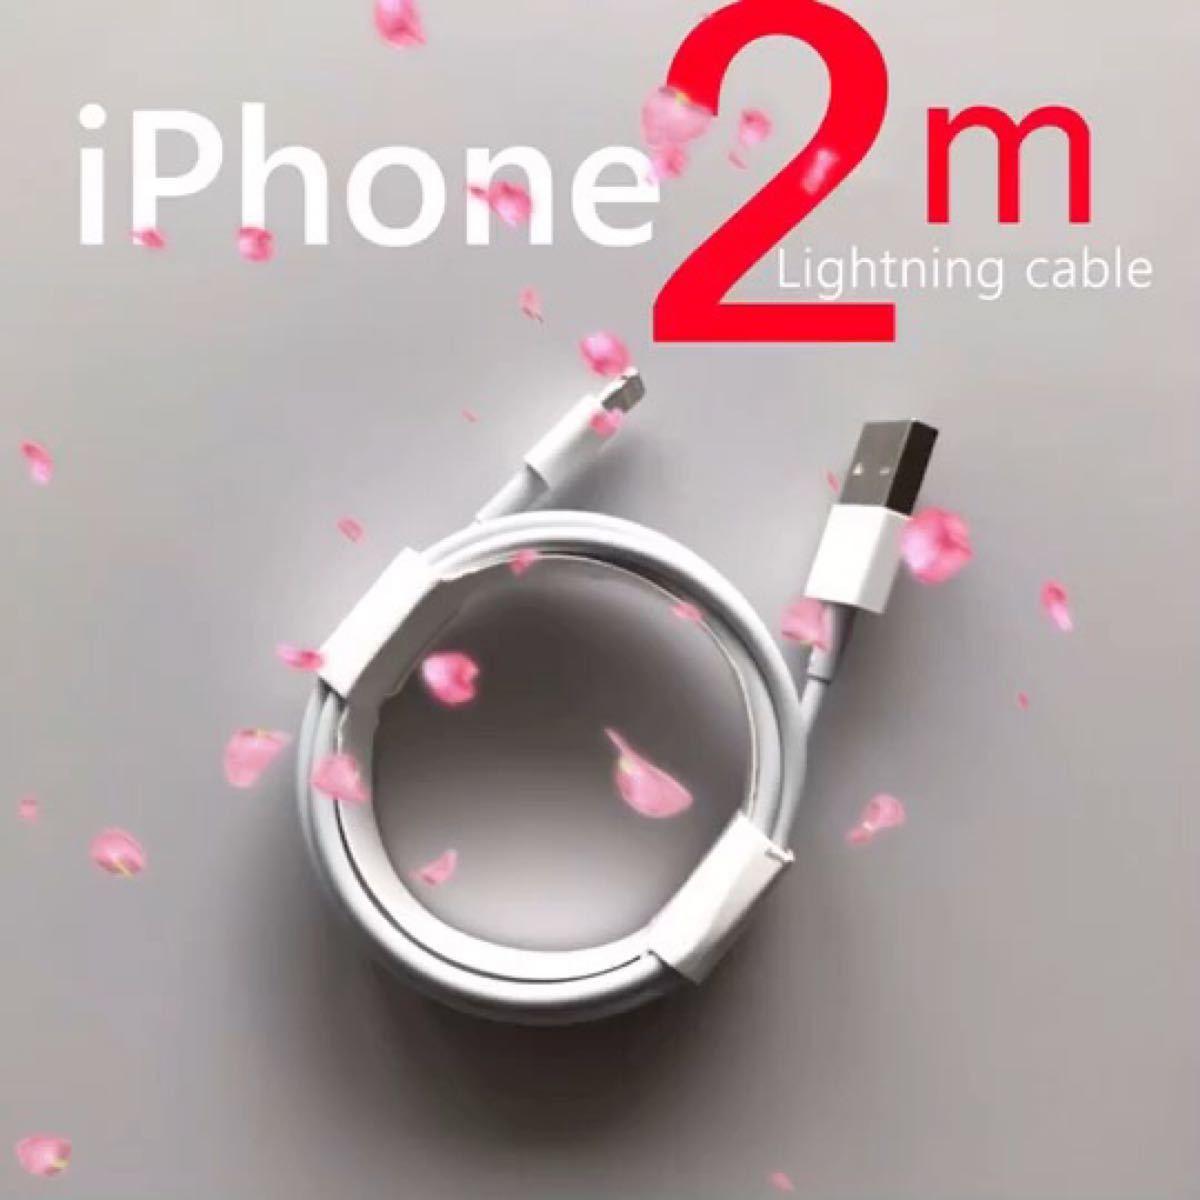 充電ケーブル ライトニング ケーブル lightning  iPhone 2m1本